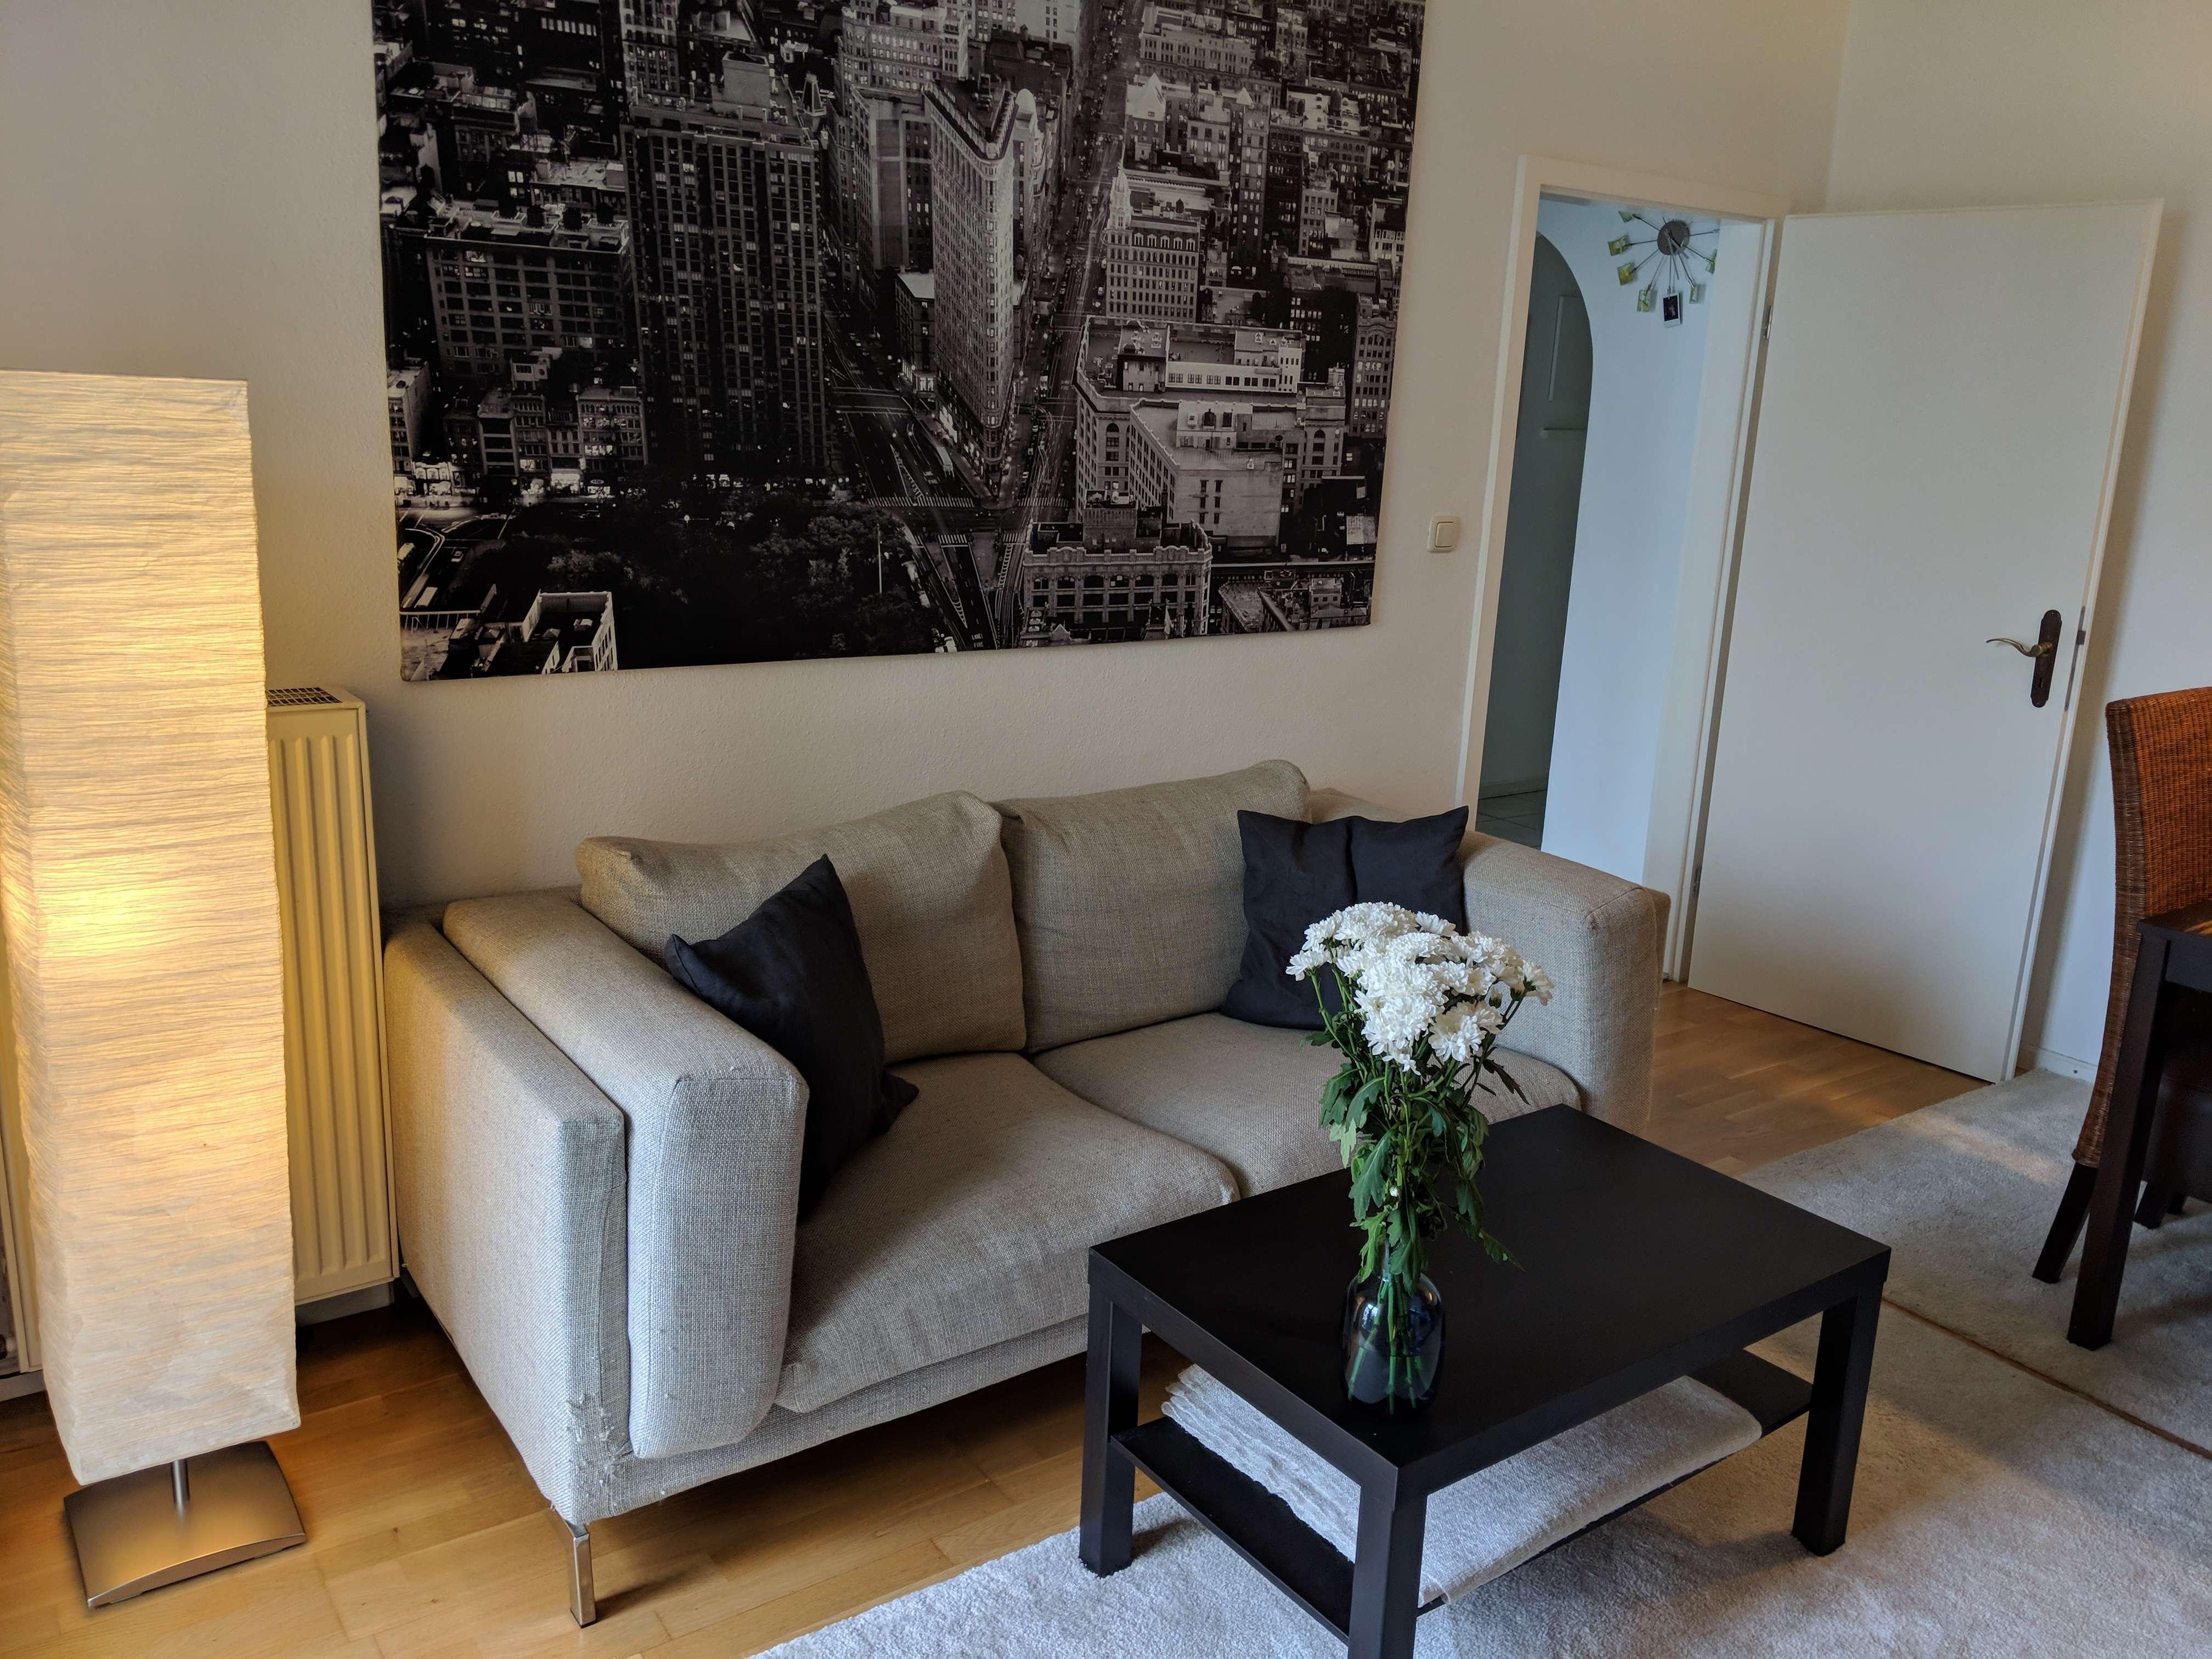 Um's Eck vom Königsplatz; Vollmöblierte 2-Zimmer-Wohnung mit Blk/EBK in Maxvorstadt (München)